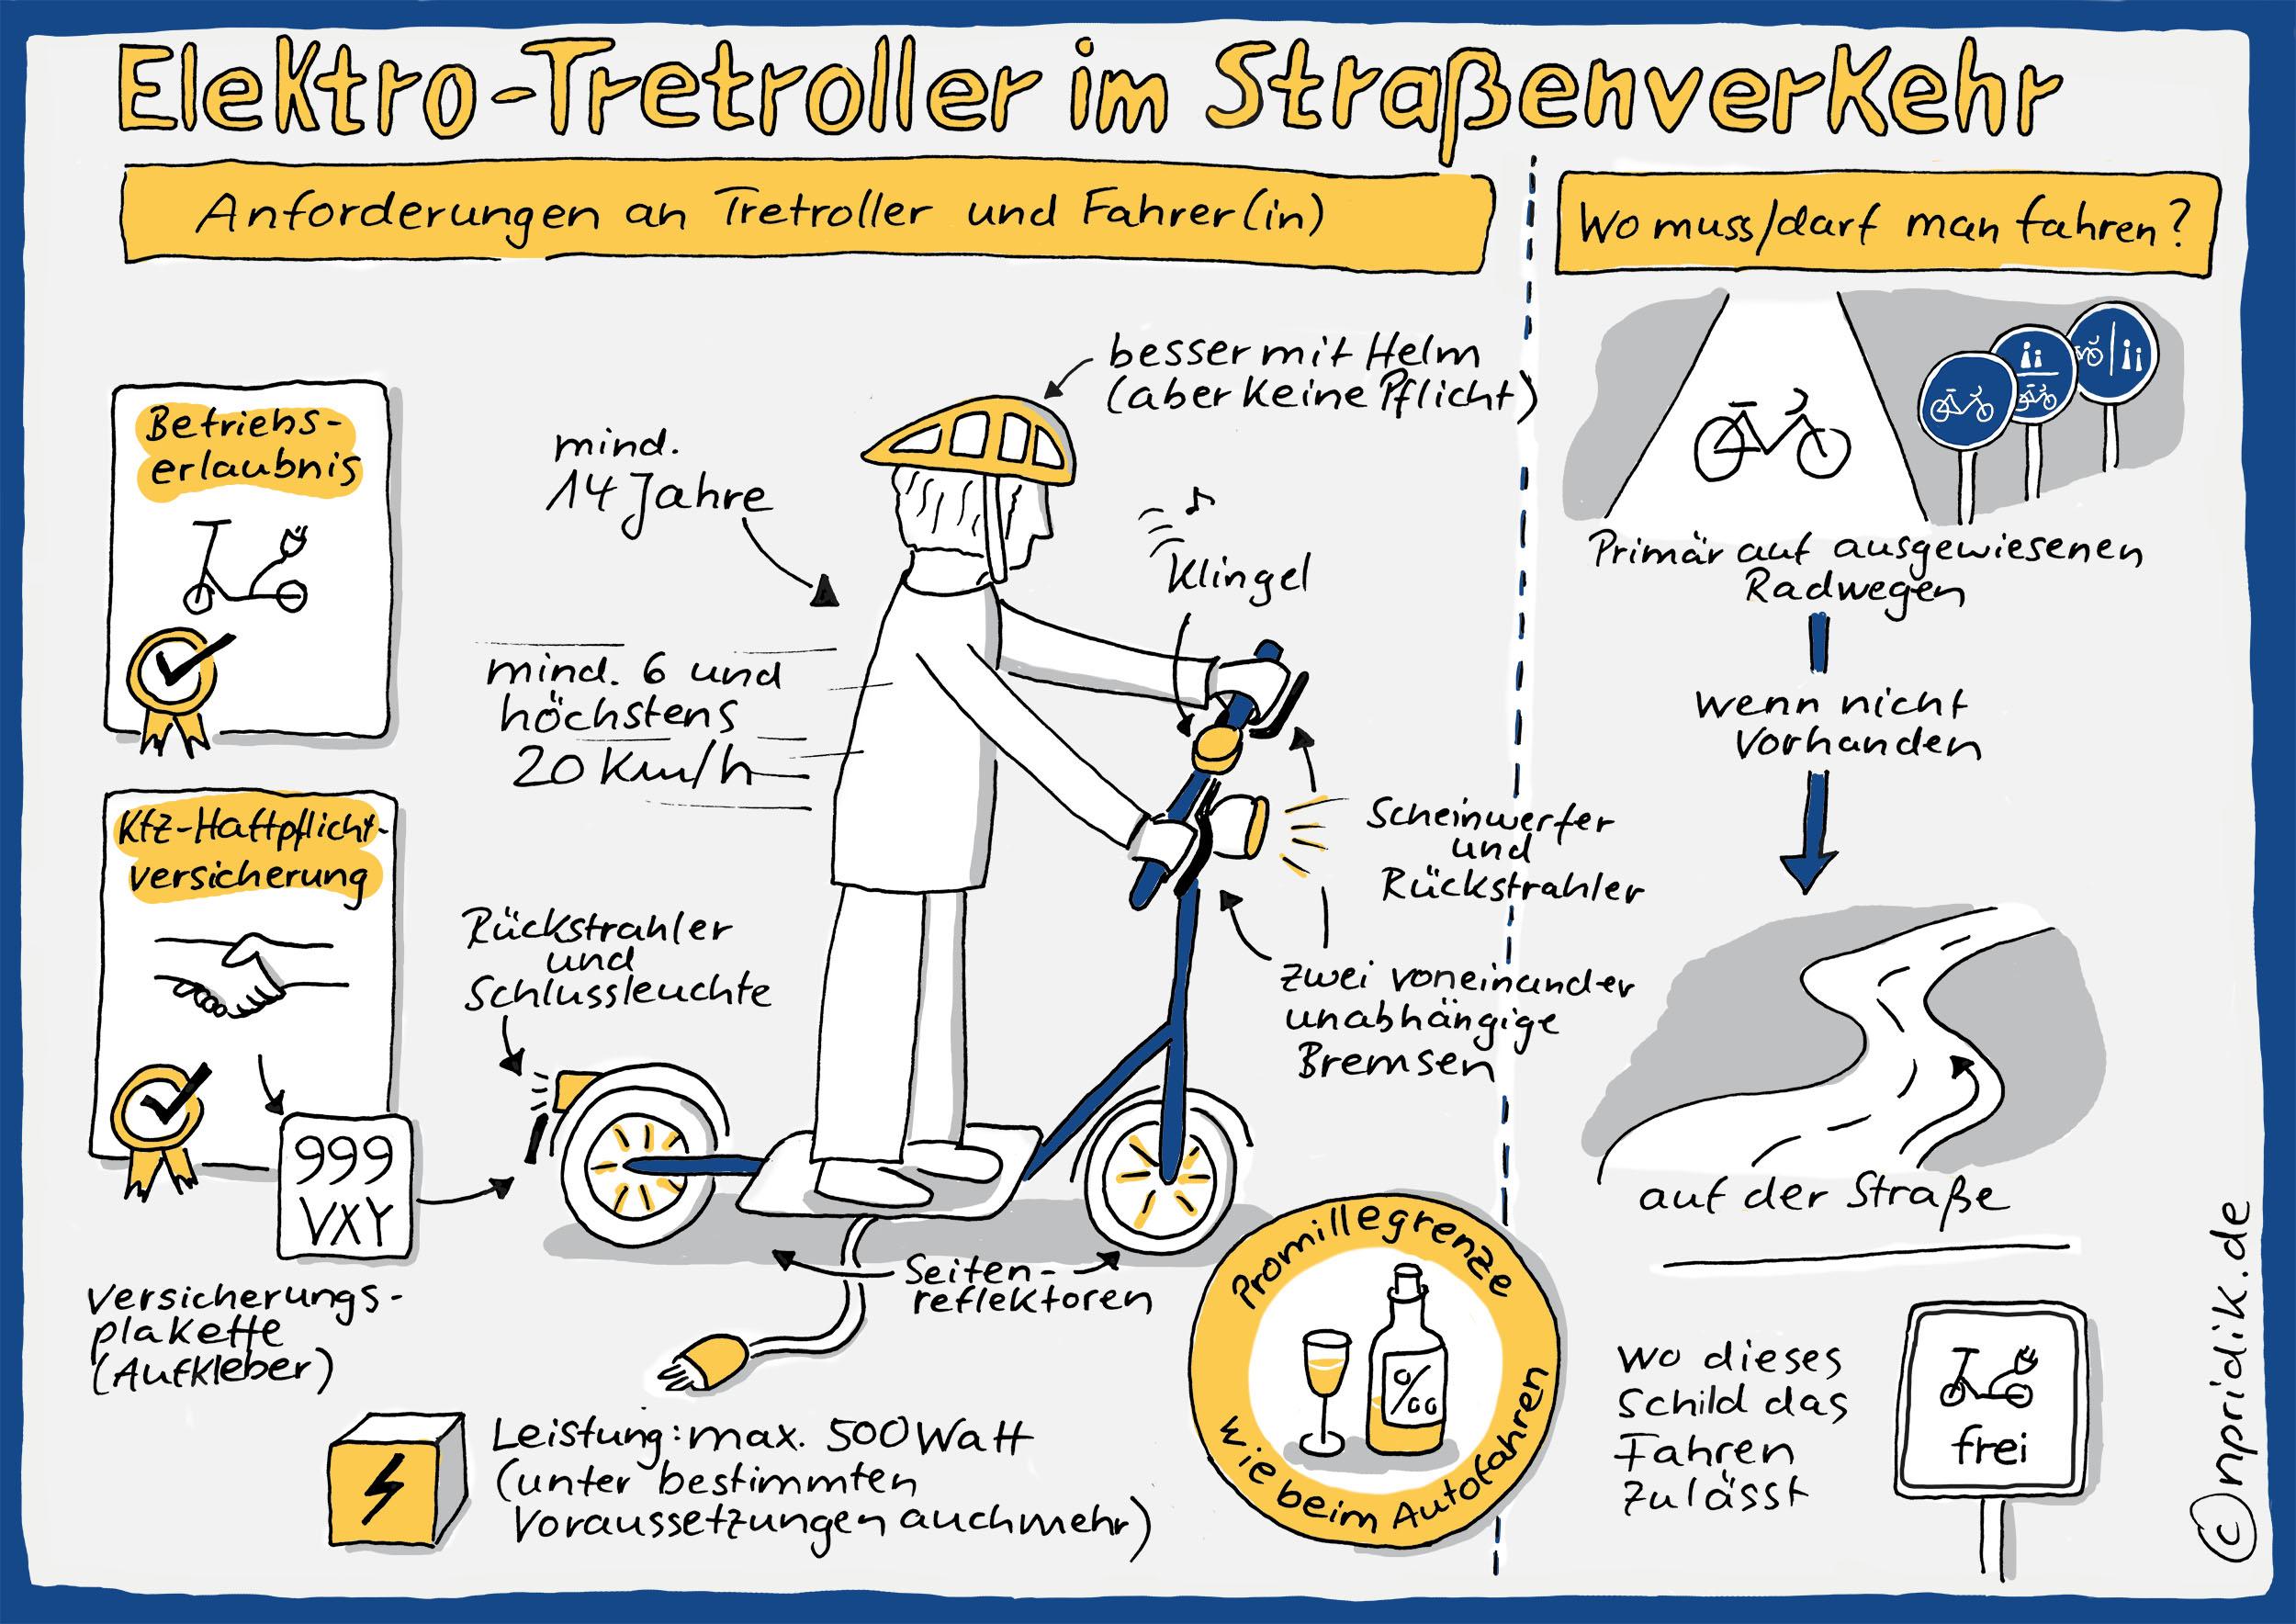 Sketchnote Elektro-Tretroller im Straßenverkehr